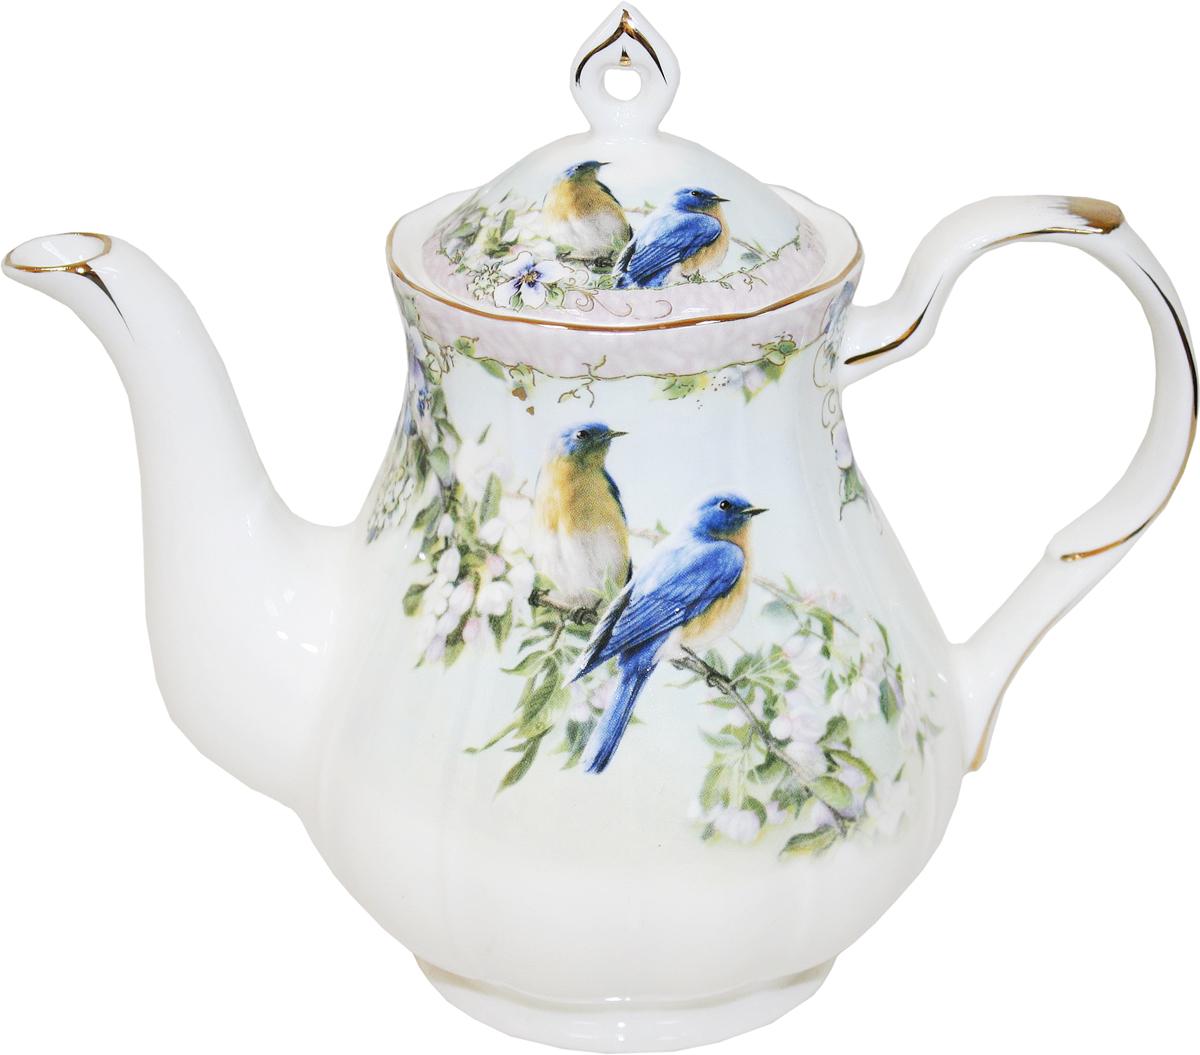 Чайник заварочный Chaozhou Fengxi Shenshui Клэранс, 720 мл. 02-00802-008Чайник заварочный Chaozhou Fengxi Shenshui Клэранс, изготовленный из высококачественного фарфора, прекрасно впишется в интерьер вашей кухни и станет достойным дополнением к кухонному инвентарю.Такой чайник не только украсит ваш кухонный стол и подчеркнет прекрасный вкус хозяйки, но и станет отличным подарком.